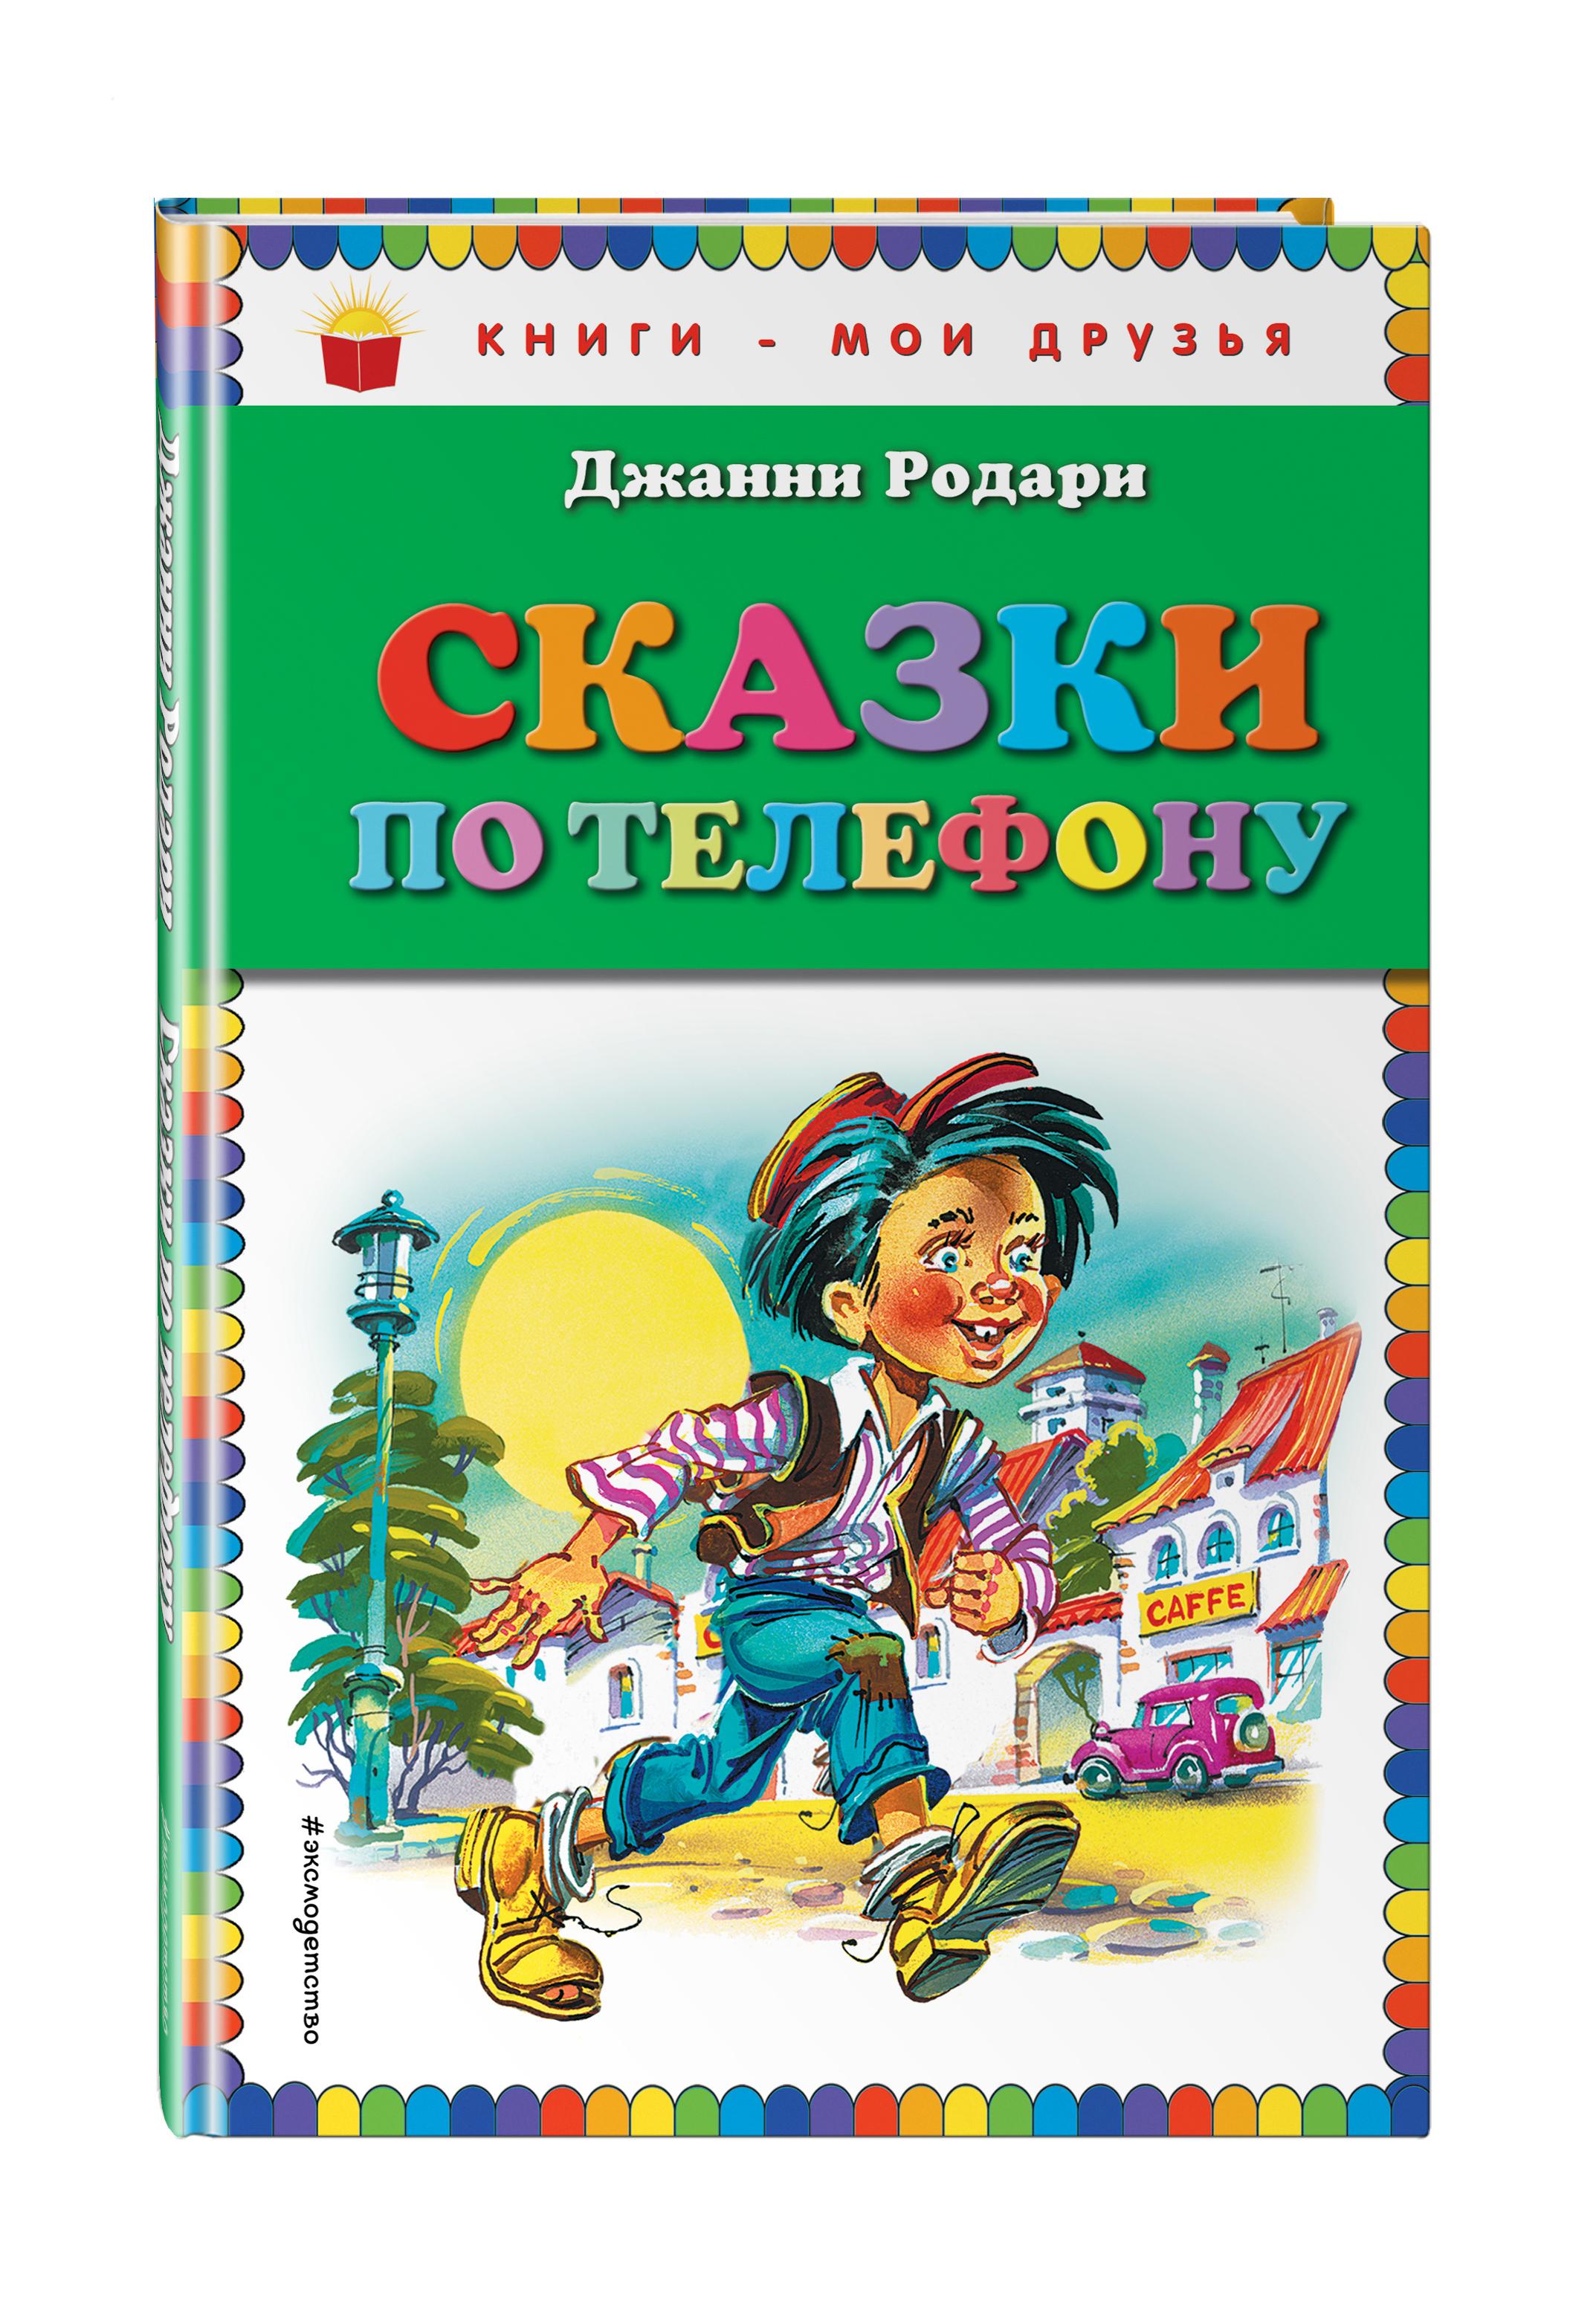 Джанни Родари Сказки по телефону (ил. В. Канивца)